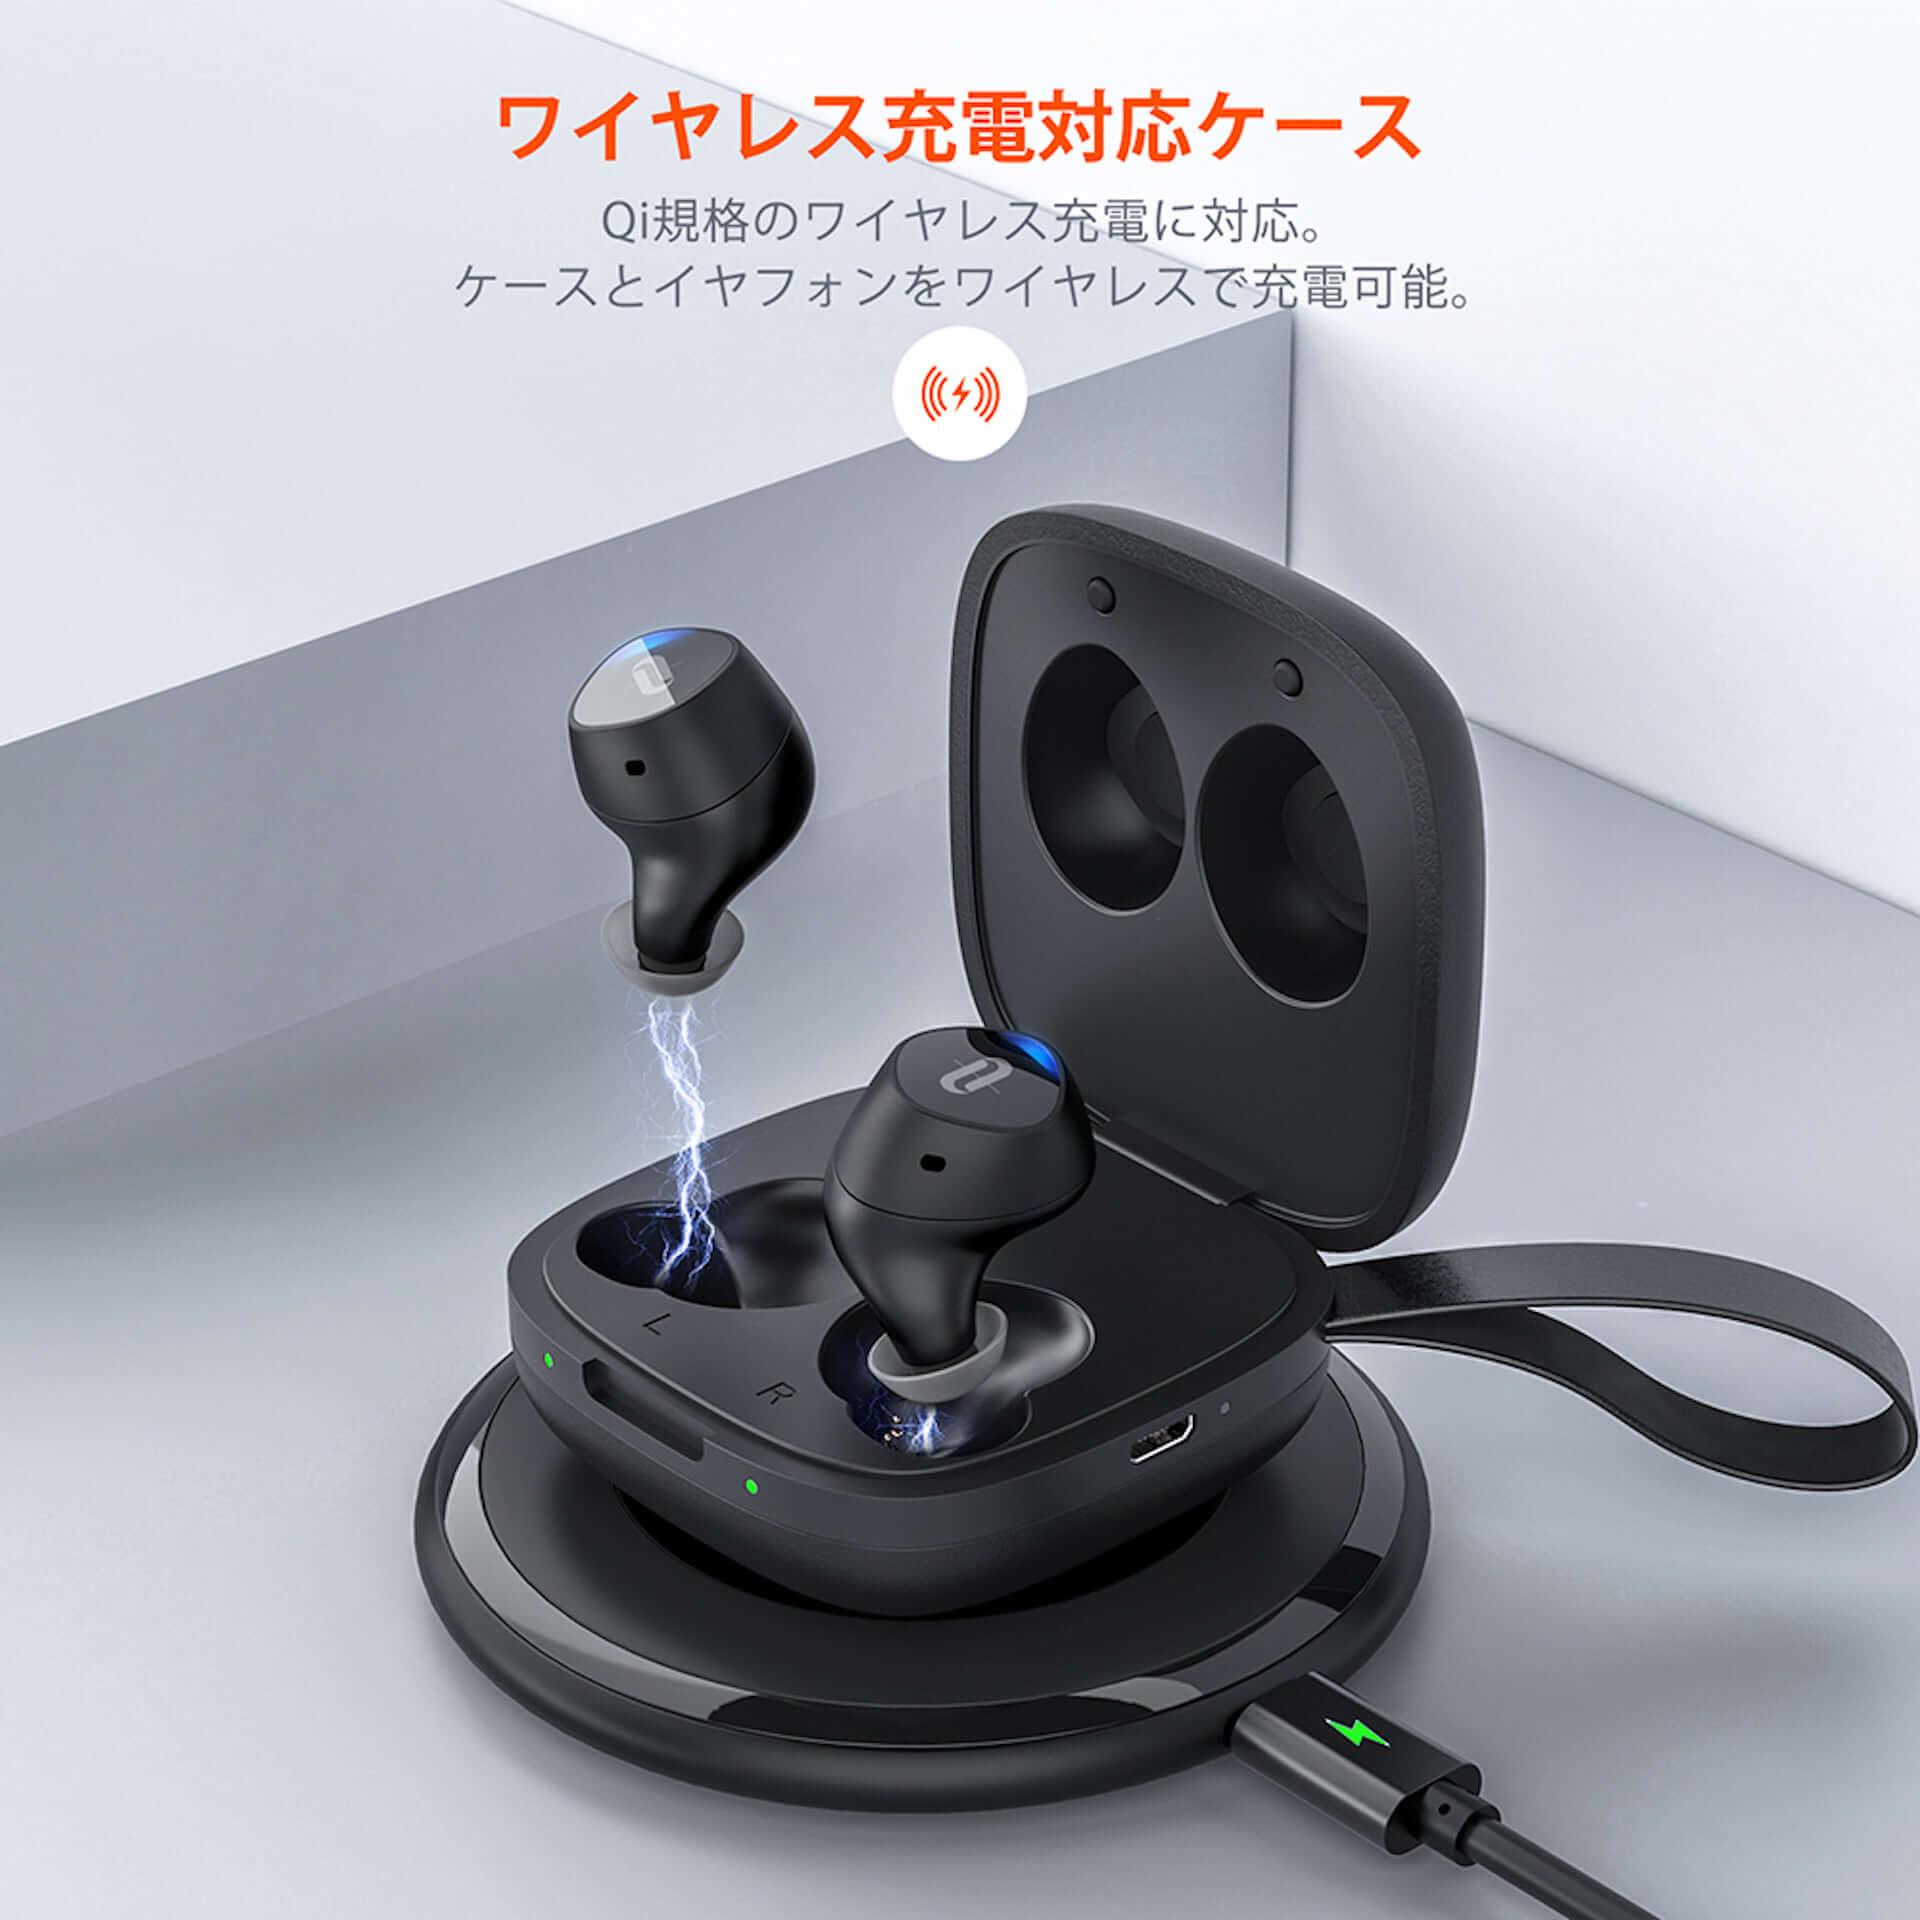 Qiワイヤレス充電も可能な防水ワイヤレスイヤホン「Duo Free+」がコスパ最高! tech190821_duofree_10-1920x1920